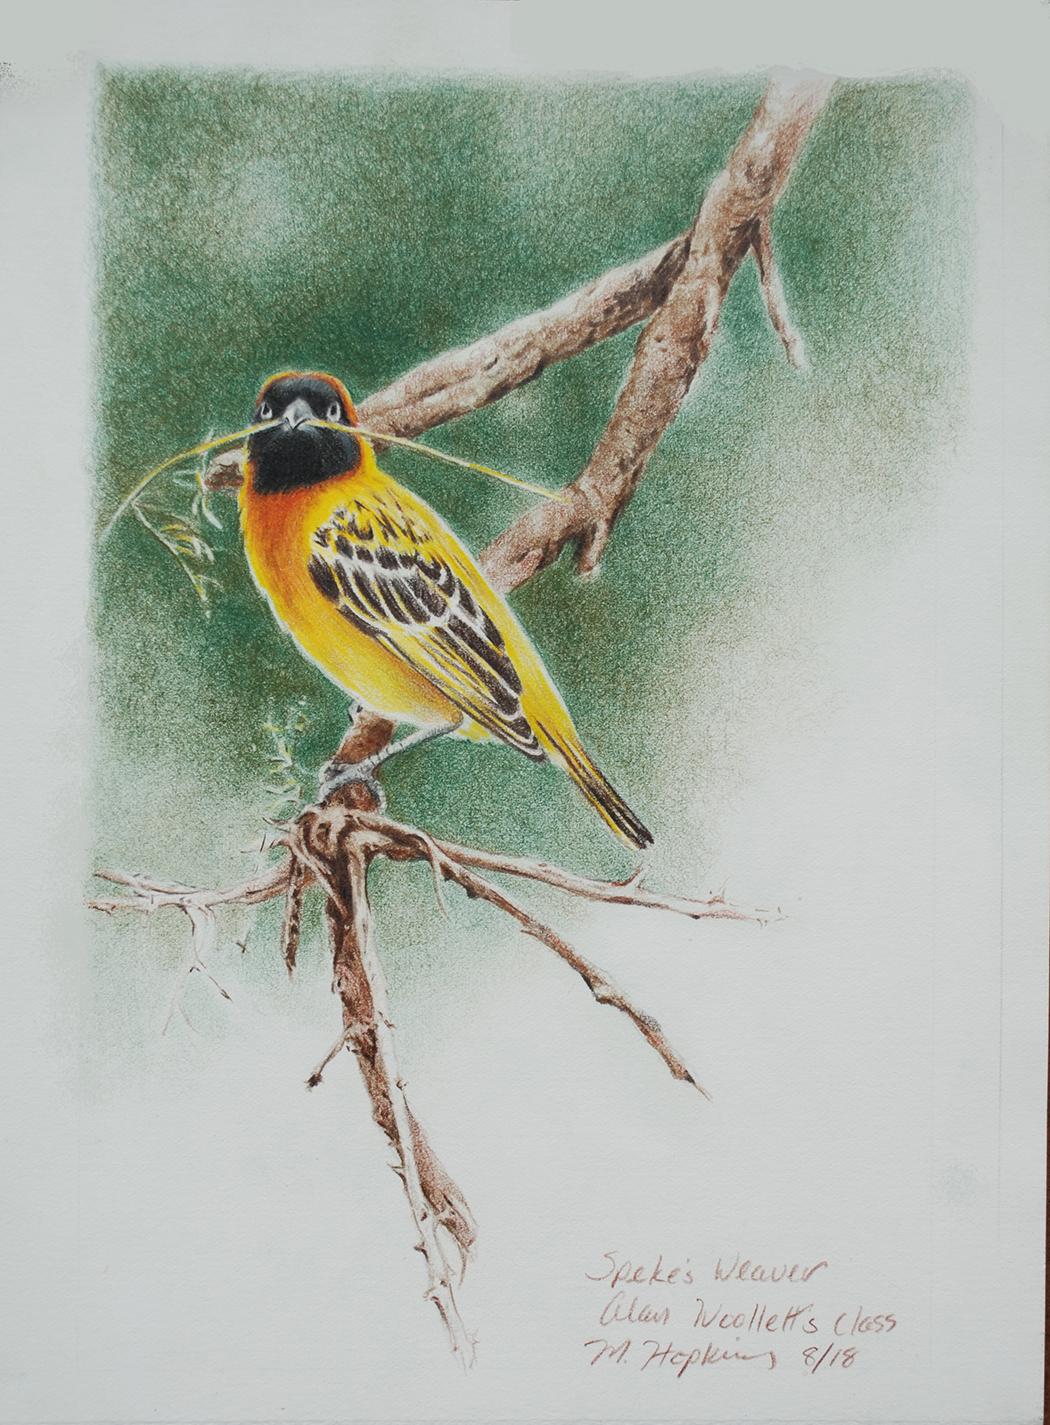 Spekes Weaver- Colored Pencil Workshop with Alan Woollett.